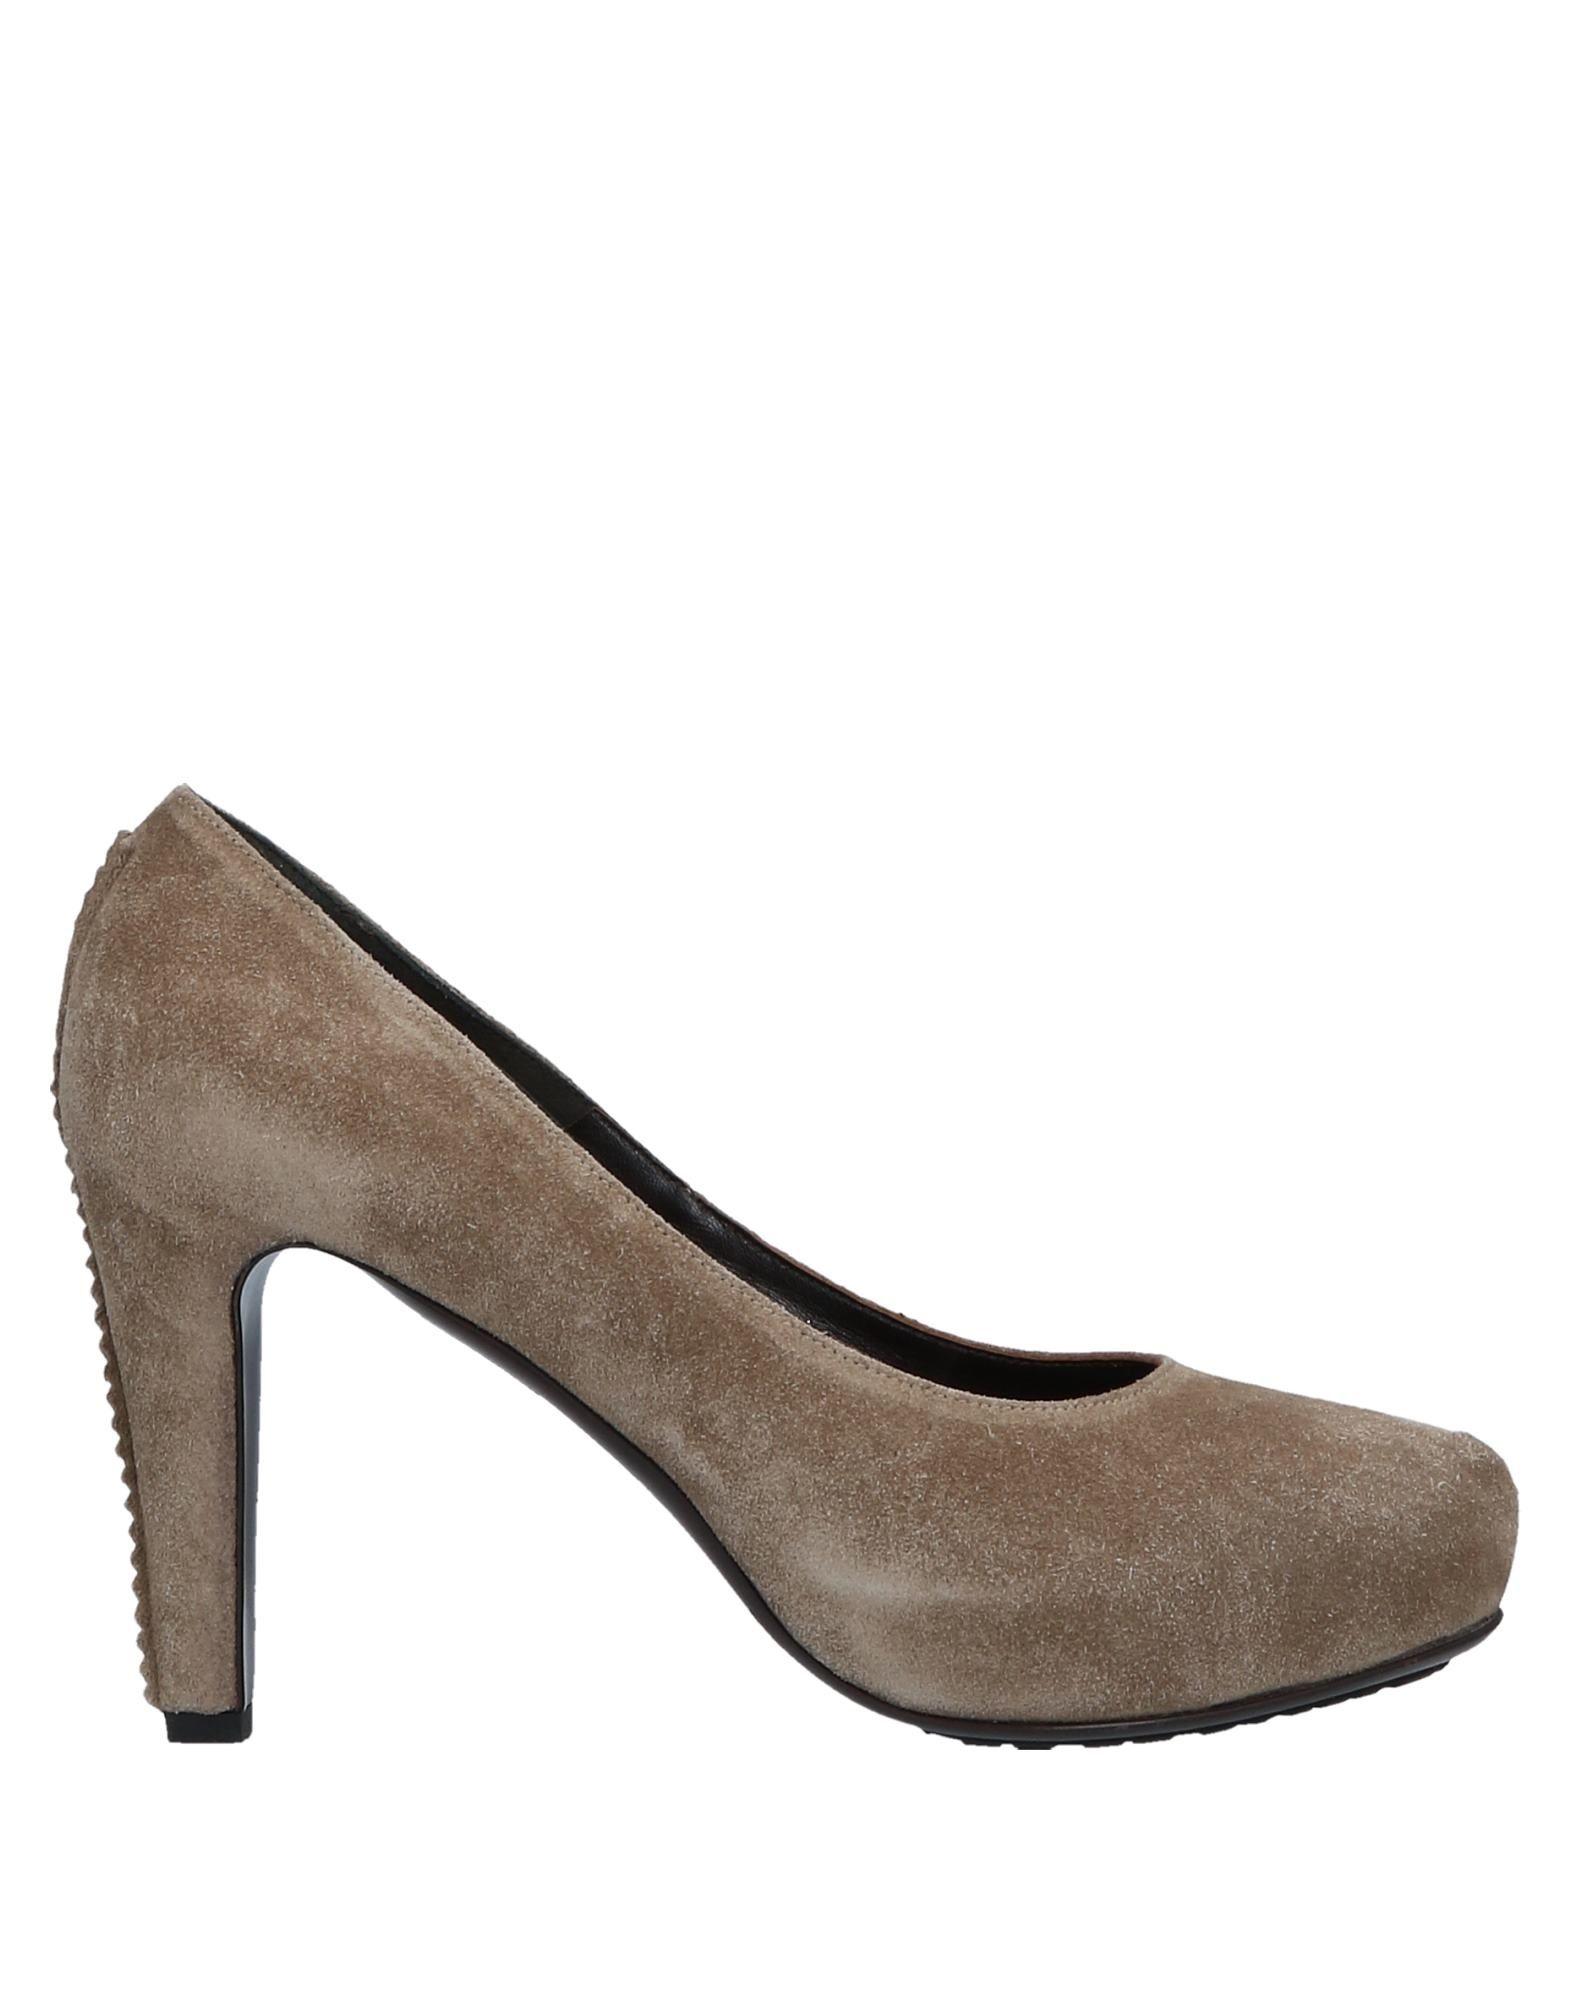 Sneakers Ylati Uomo - 11475163JV Scarpe economiche e buone